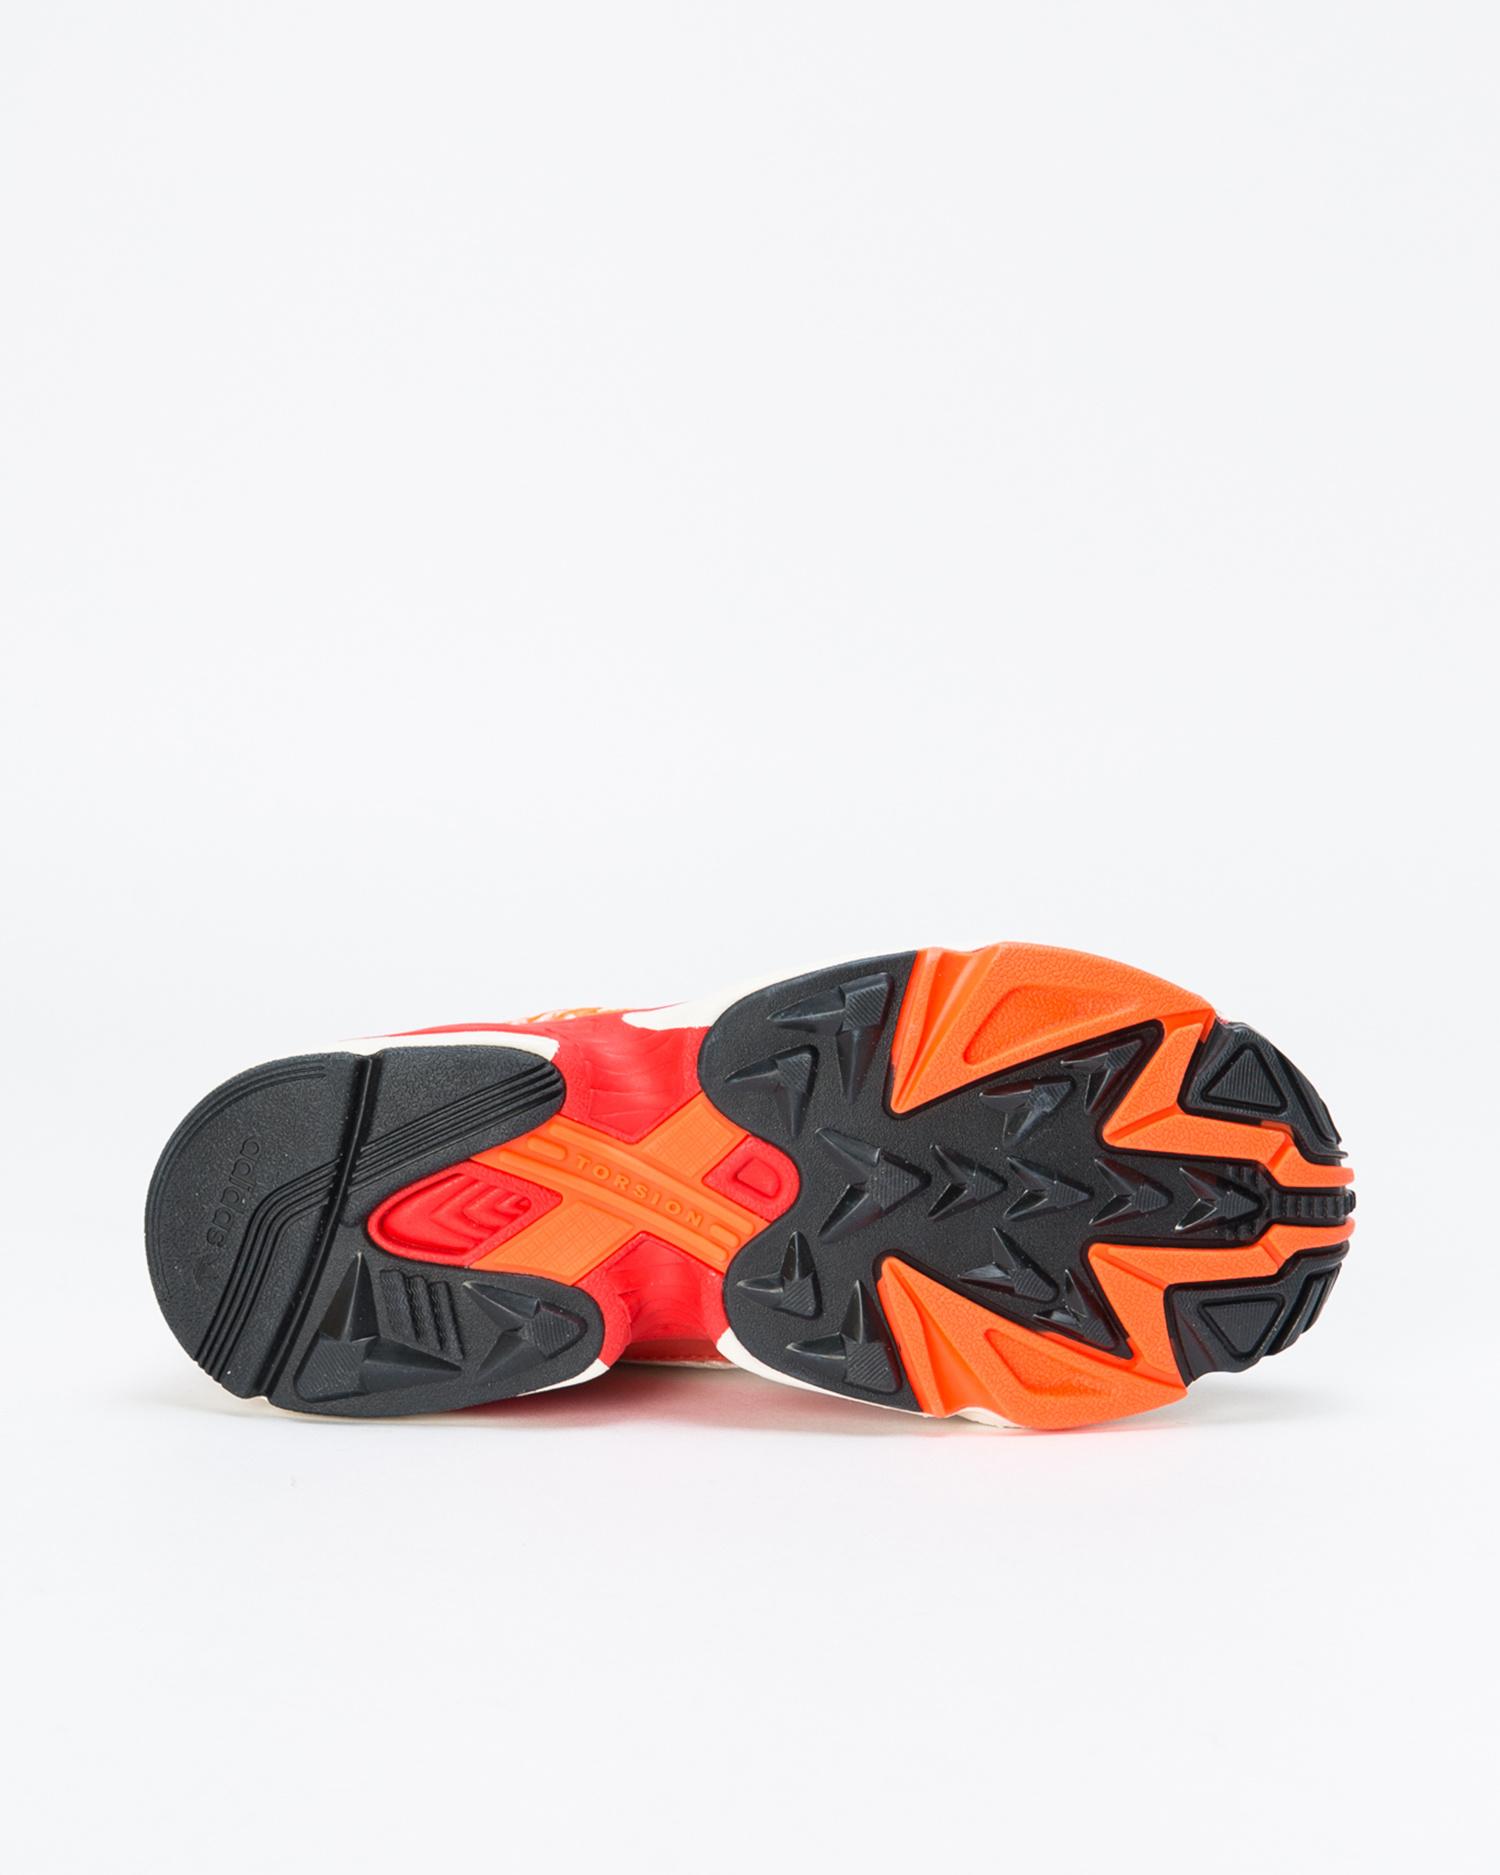 adidas x Fiorucci Womens Falcon Off-White/Red/Solar Orange